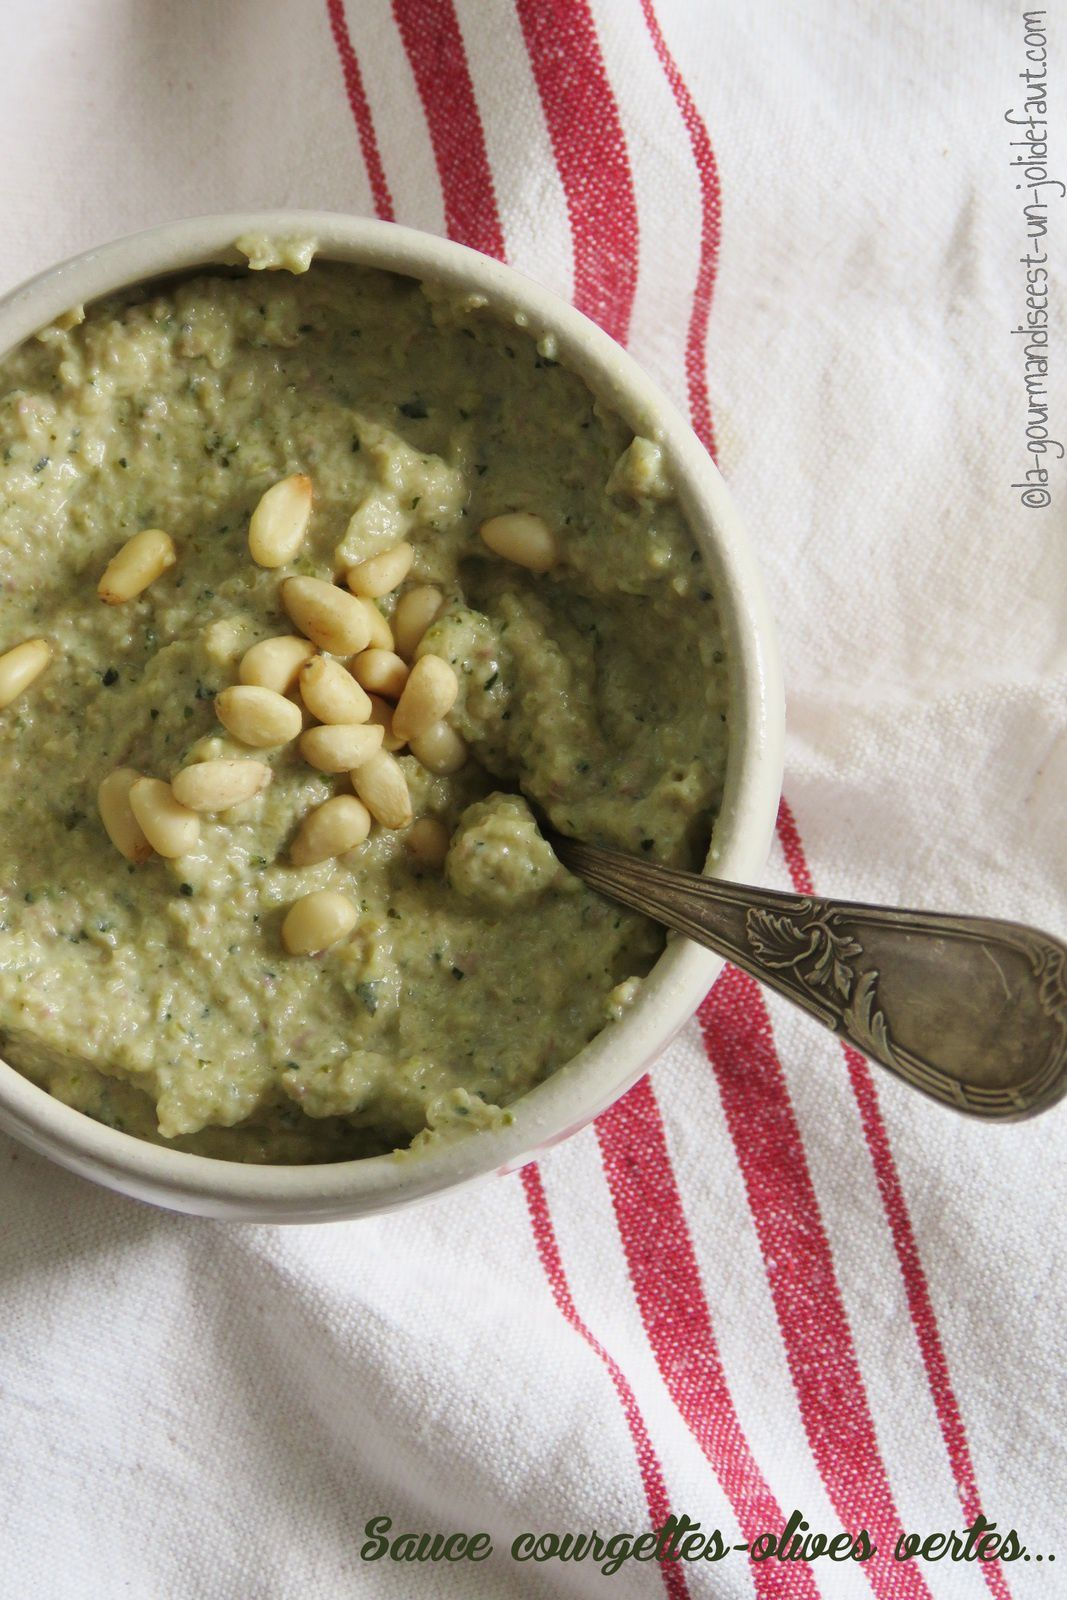 Sauce courgettes-olives à la ricotta